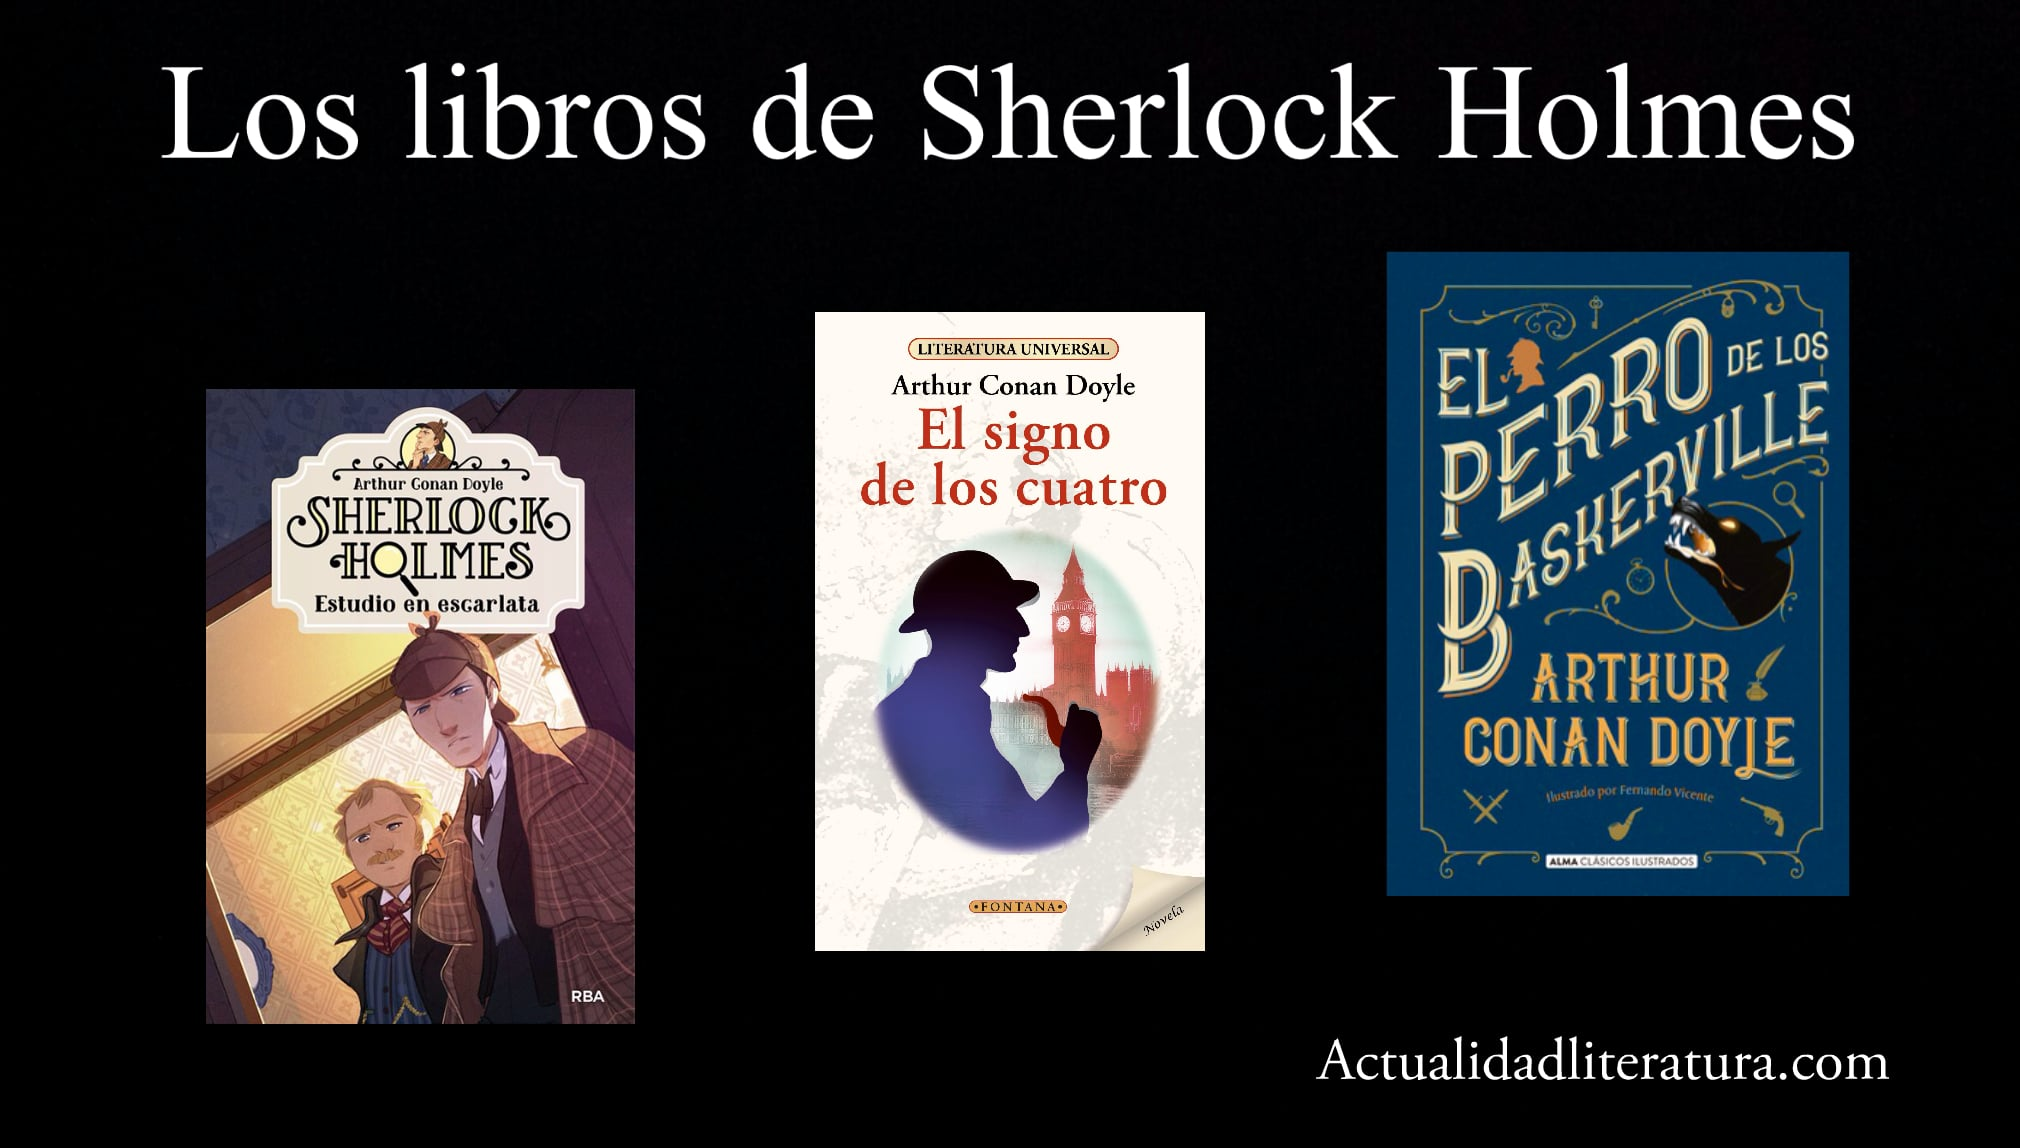 Los libros de Sherlock Holmes